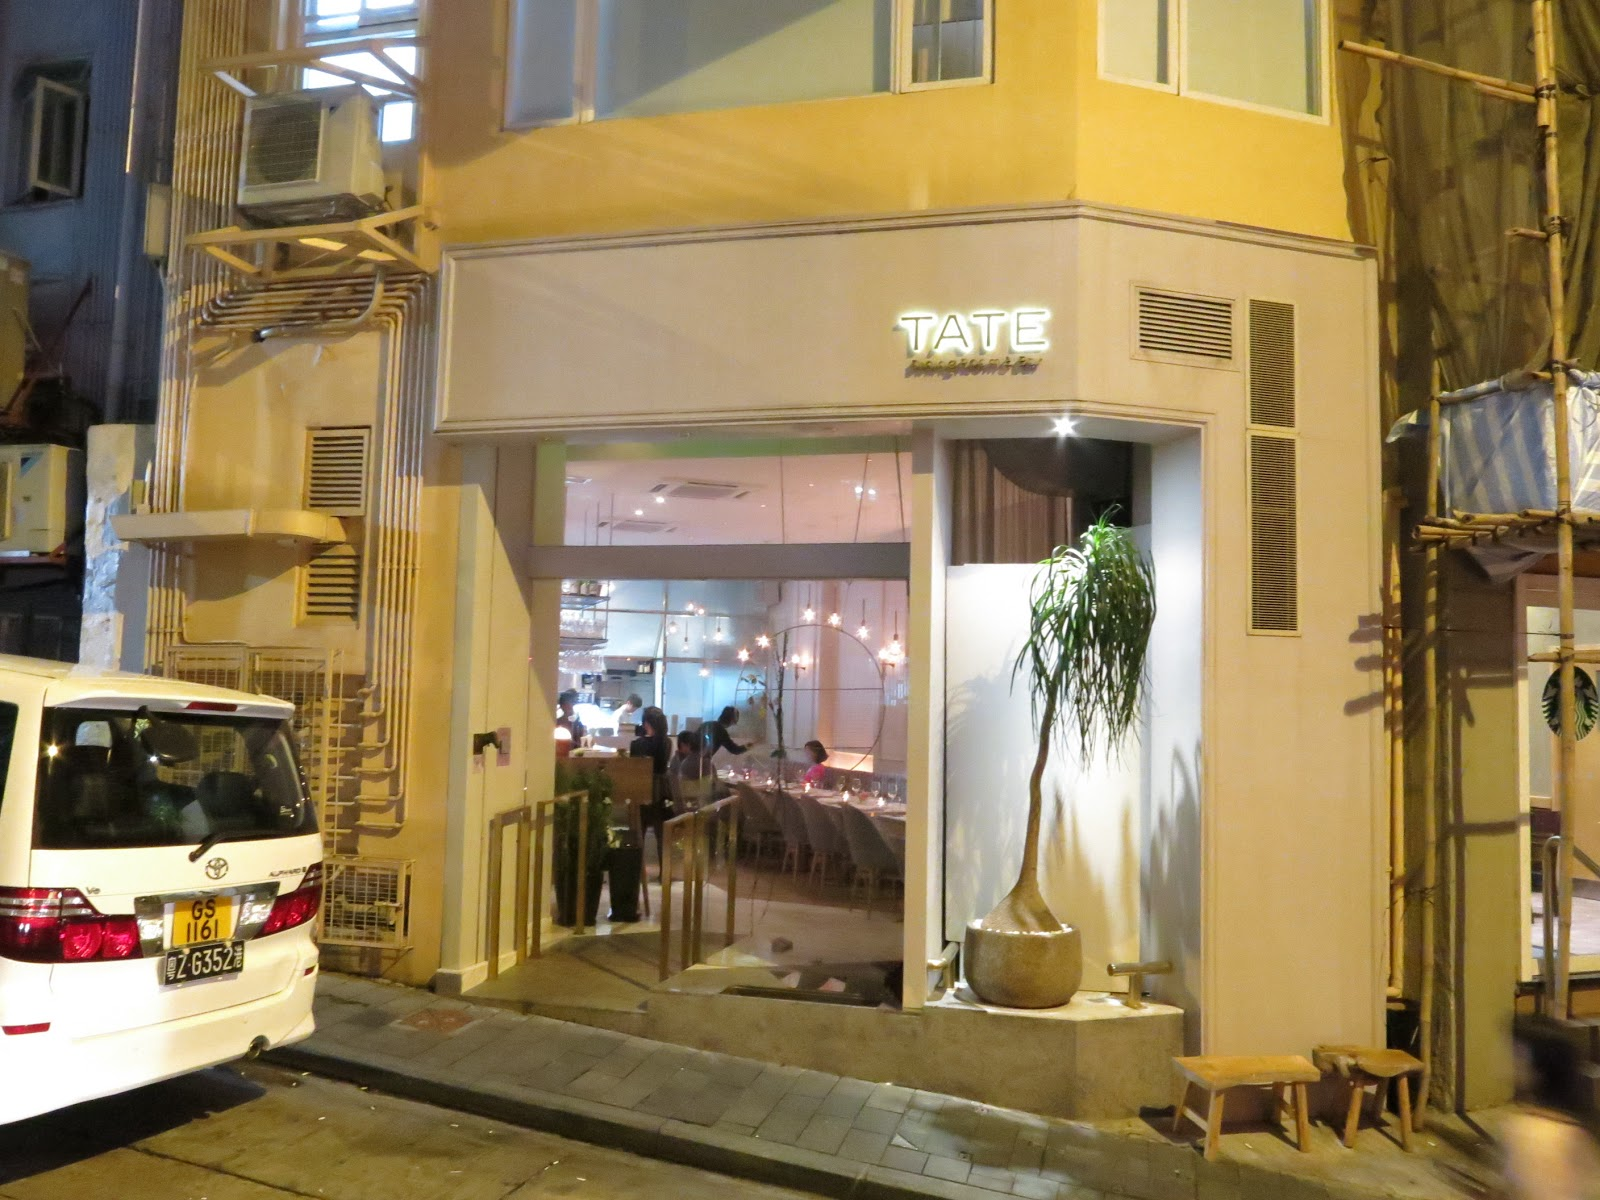 Tate dining room and bar hong kong china a for Dining room hong kong